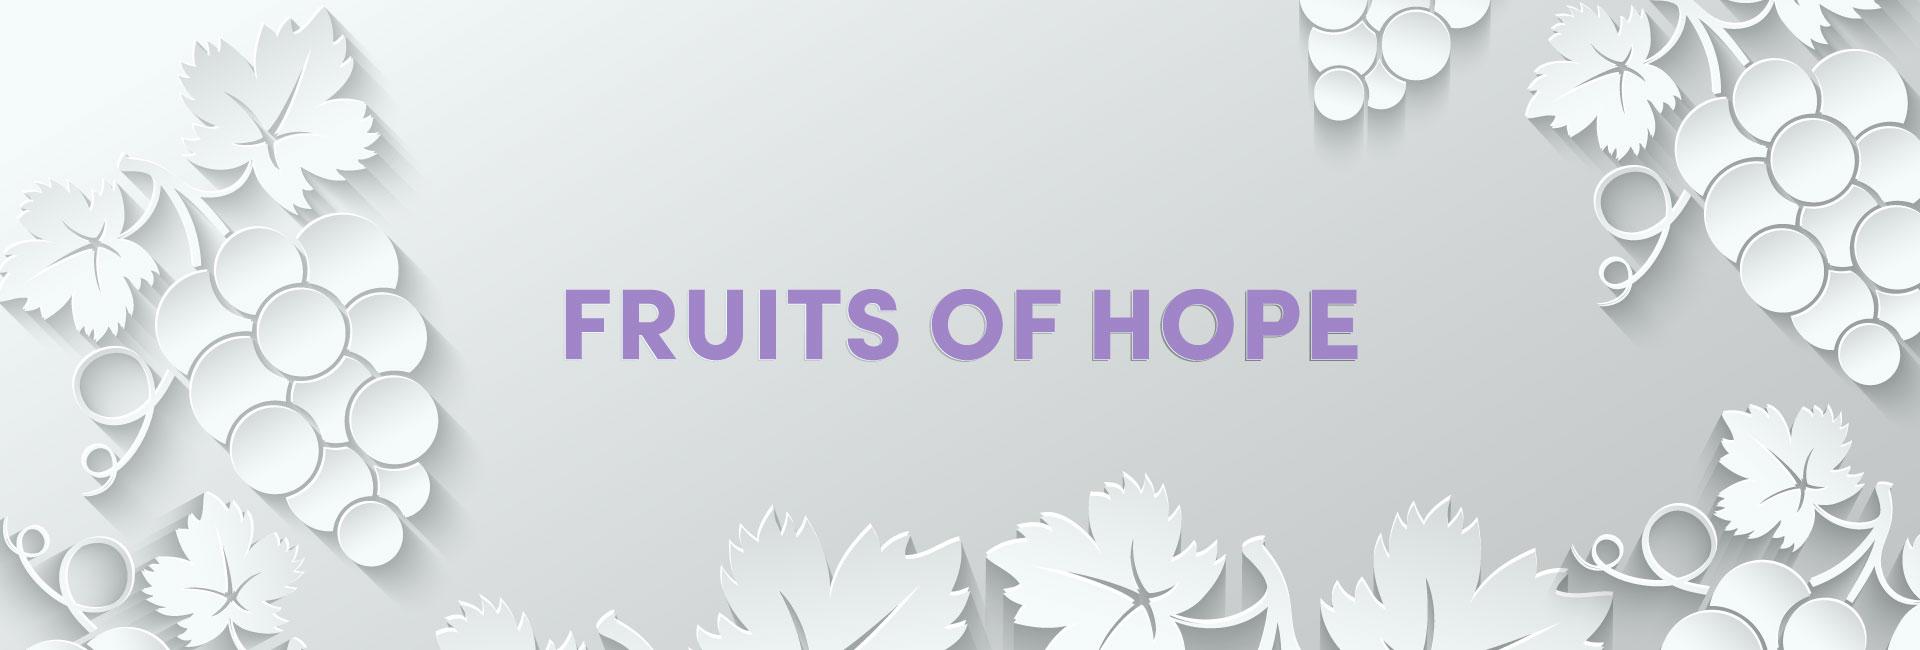 Fruits of Hope Header